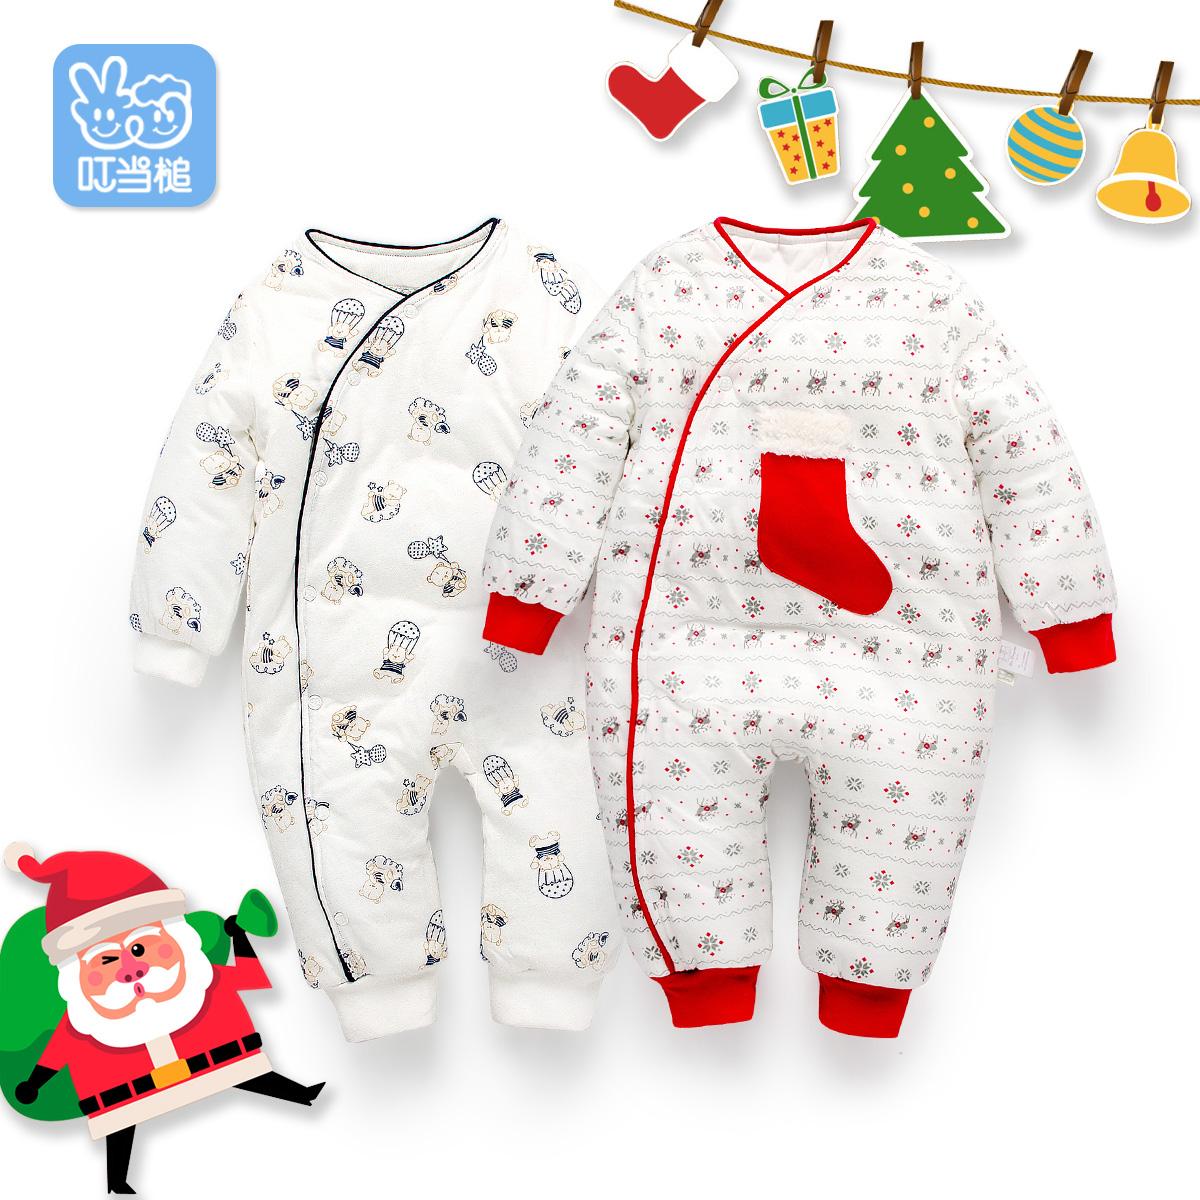 叮当槌1-2岁宝宝秋冬棉服男女幼童棉哈衣新生儿圣诞爬服厚连体衣